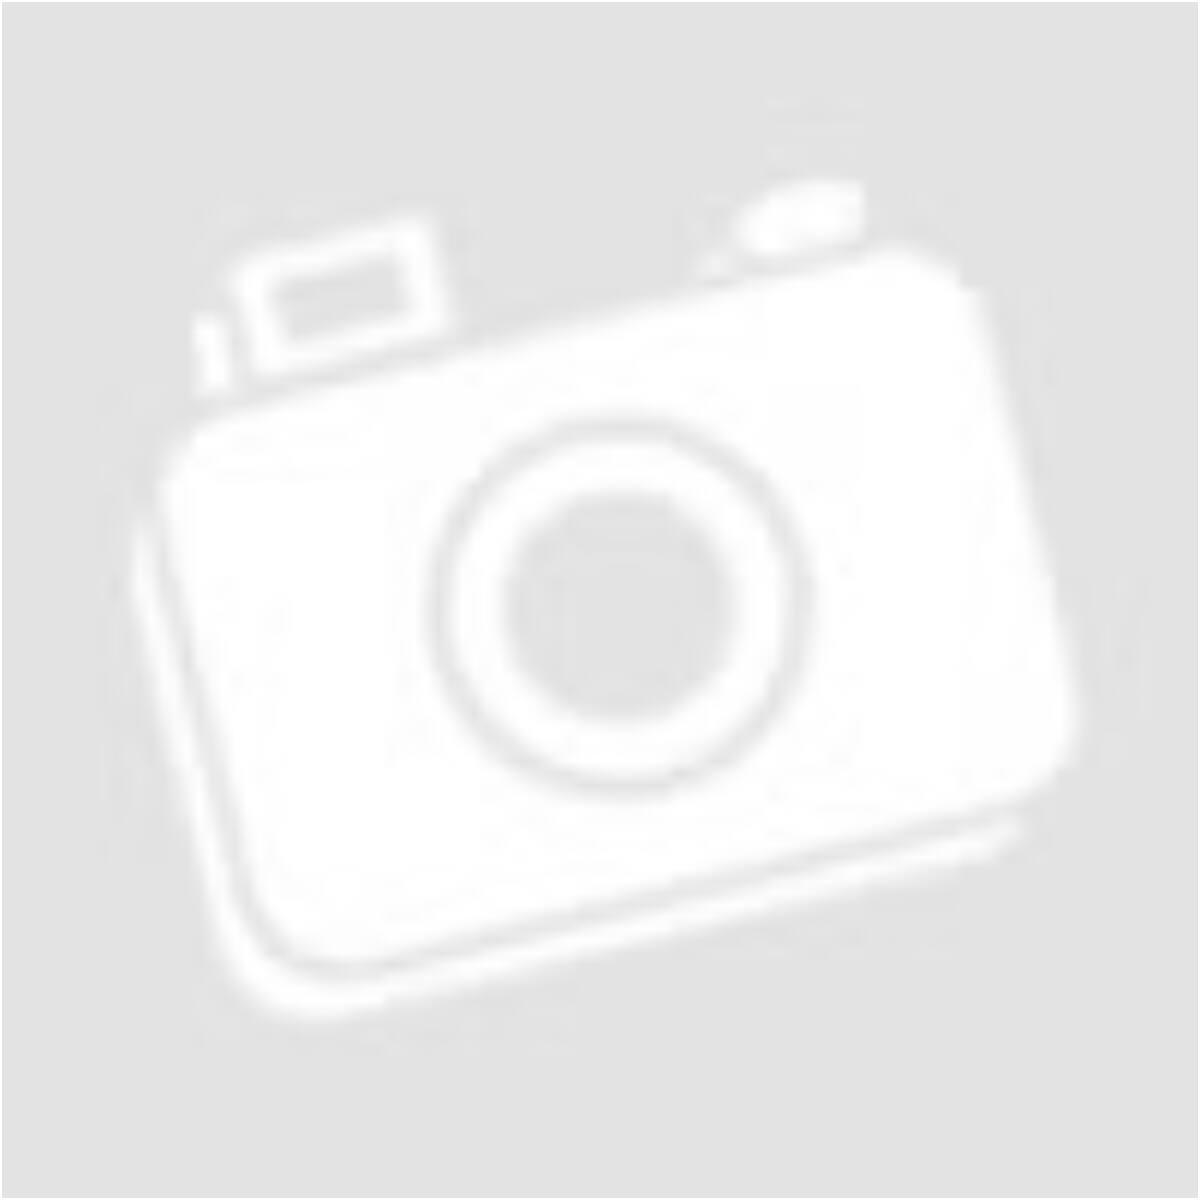 0b68d11b22 Emporio Armani zakó és ruha 40-es - Ruhák